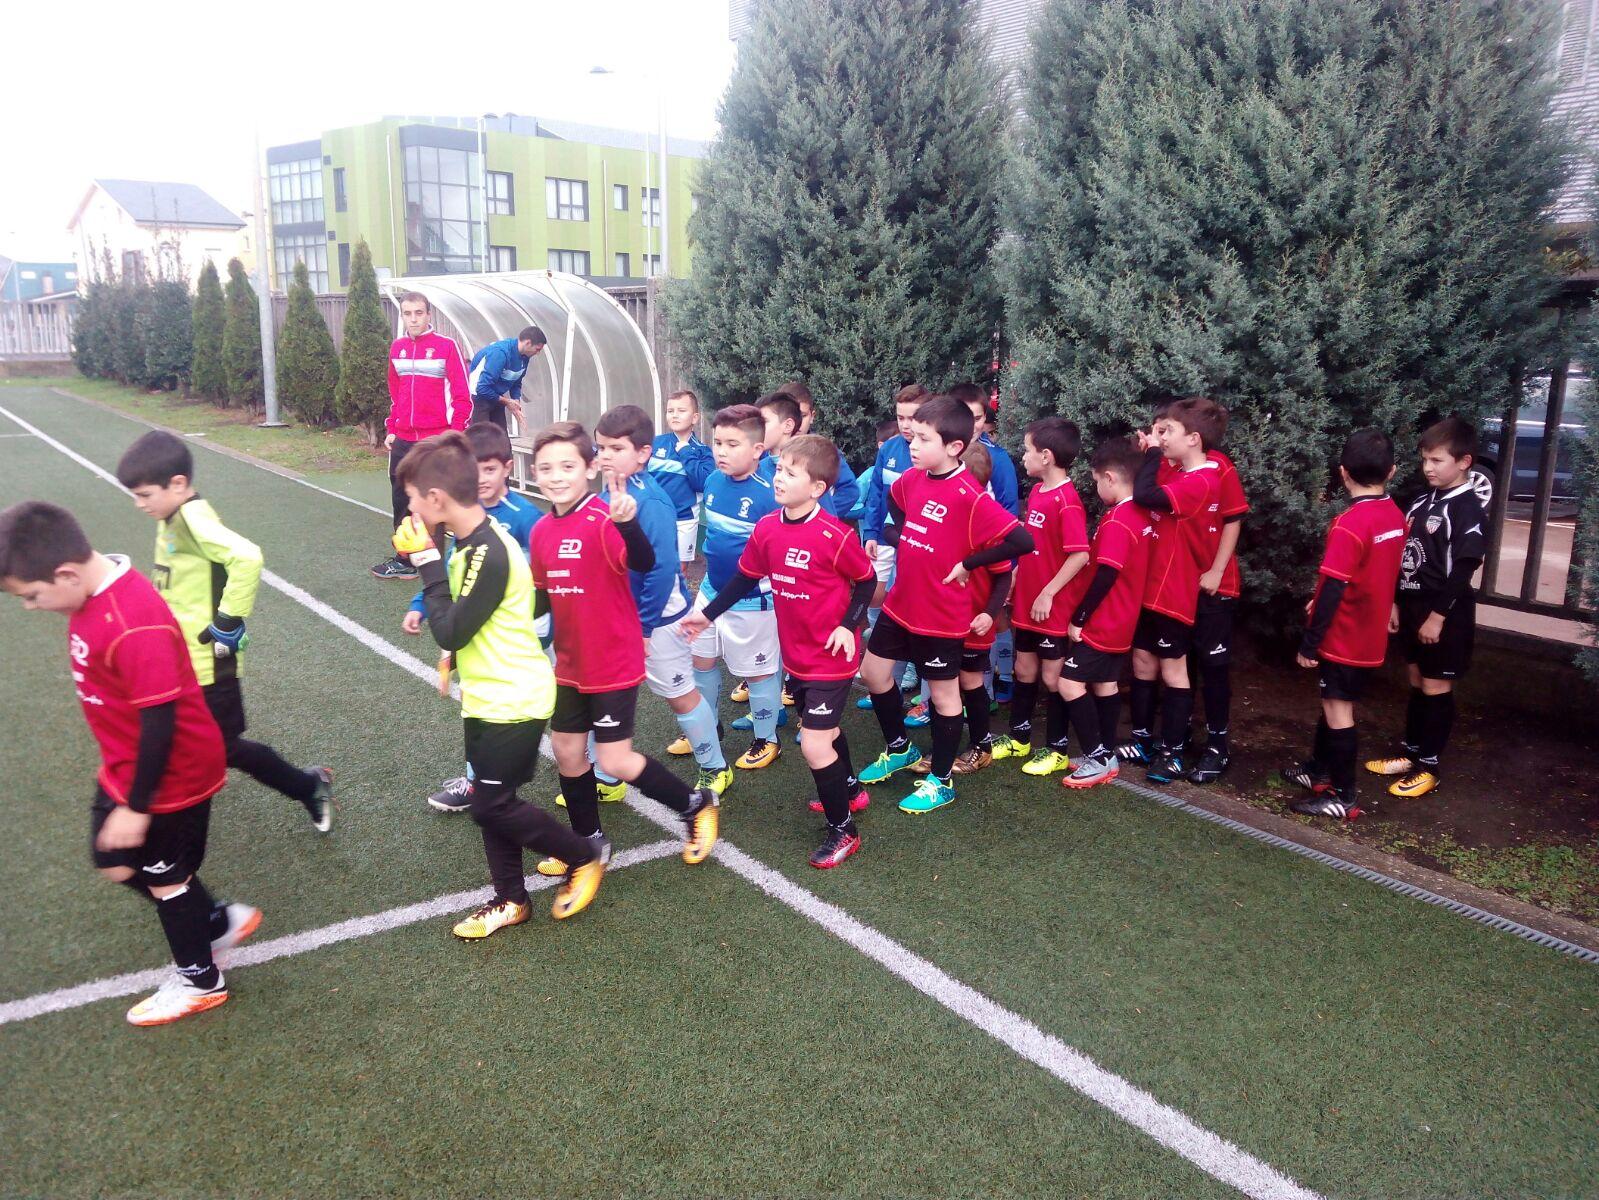 Escolas Deportivas Lourenz F8 Benxam N C Modas Victorias Do  # Muebles Huertas Lourenza